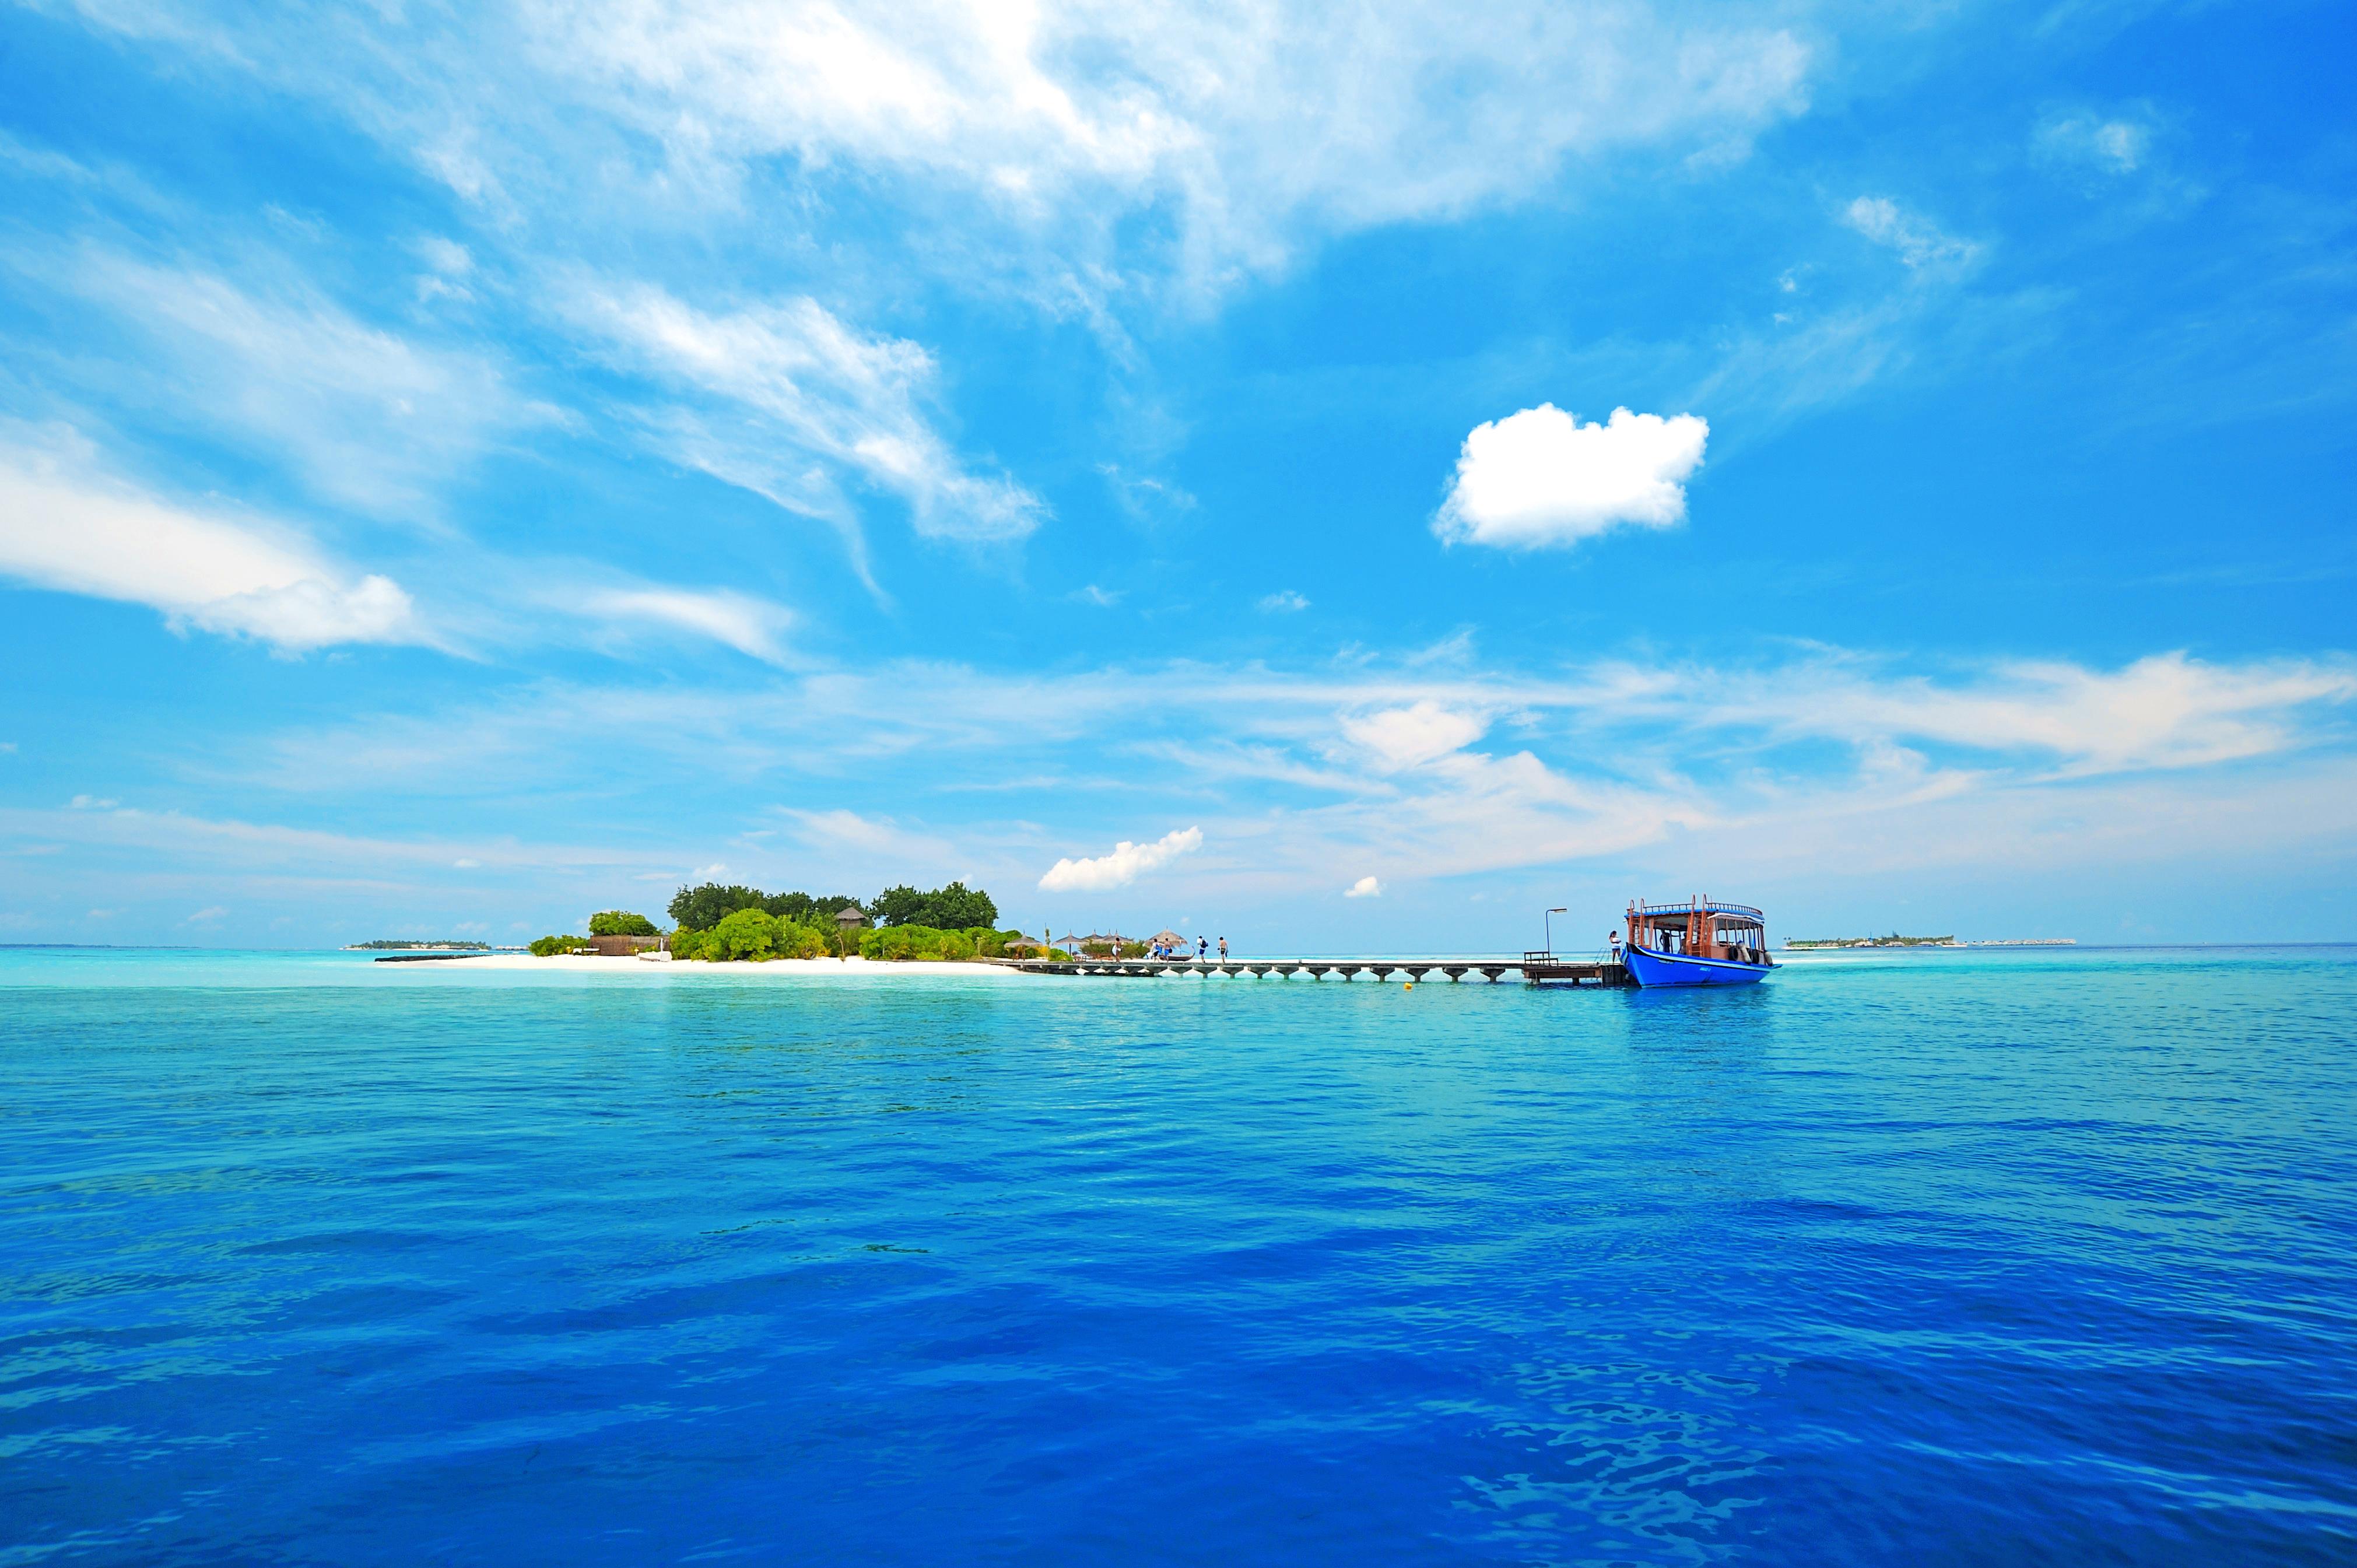 пирс море небо курорт  № 1238070 без смс